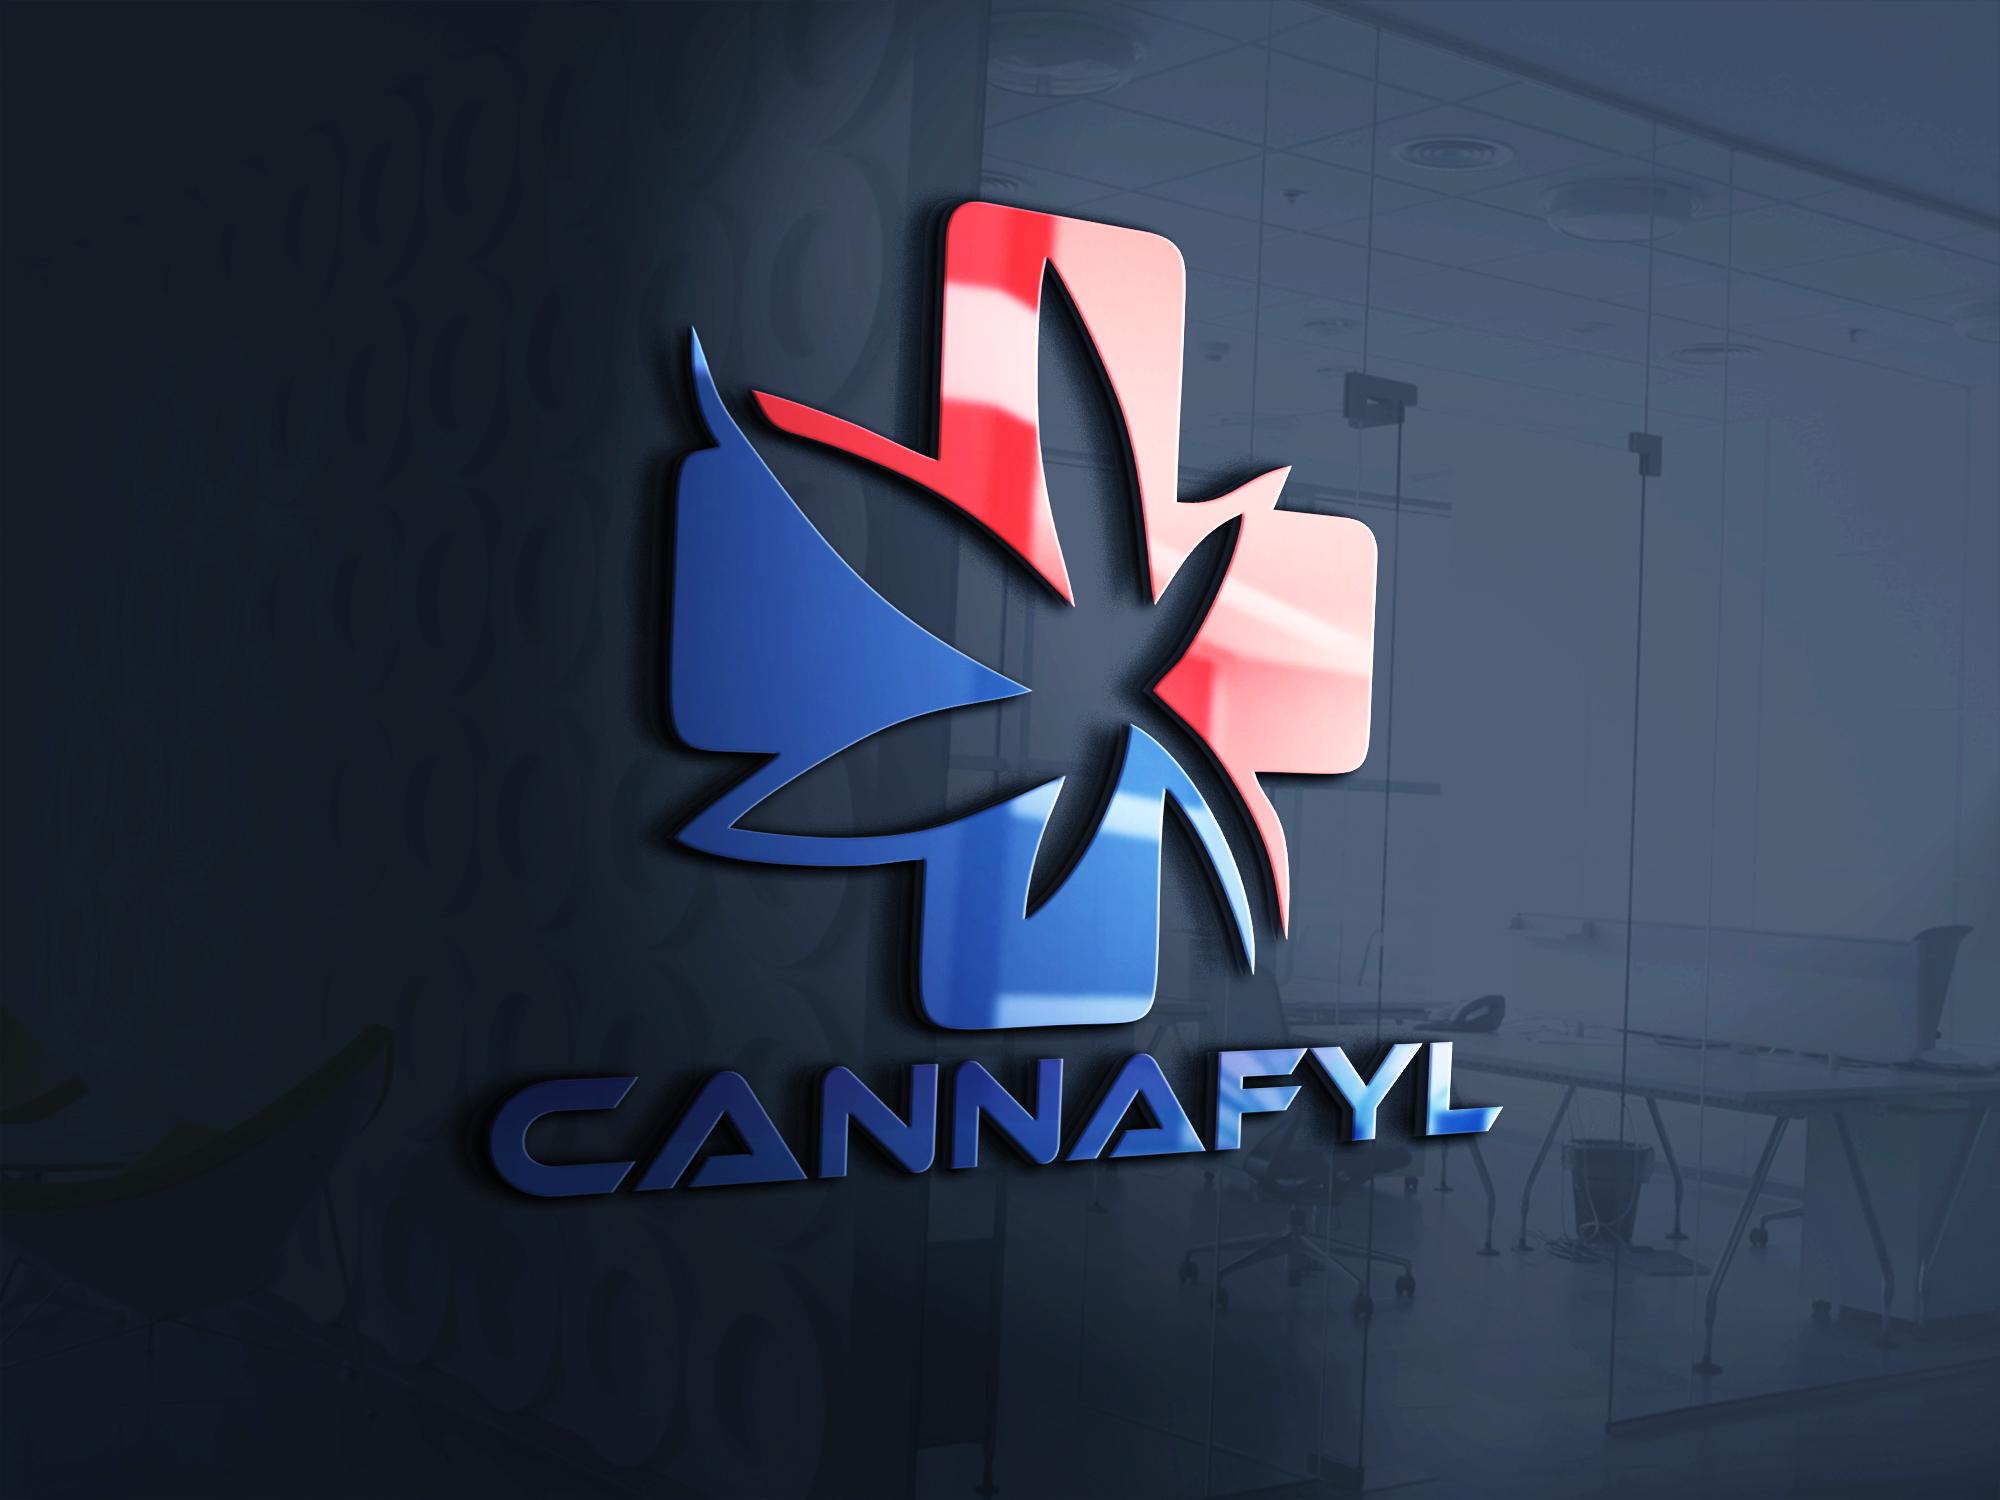 cannafyl logo